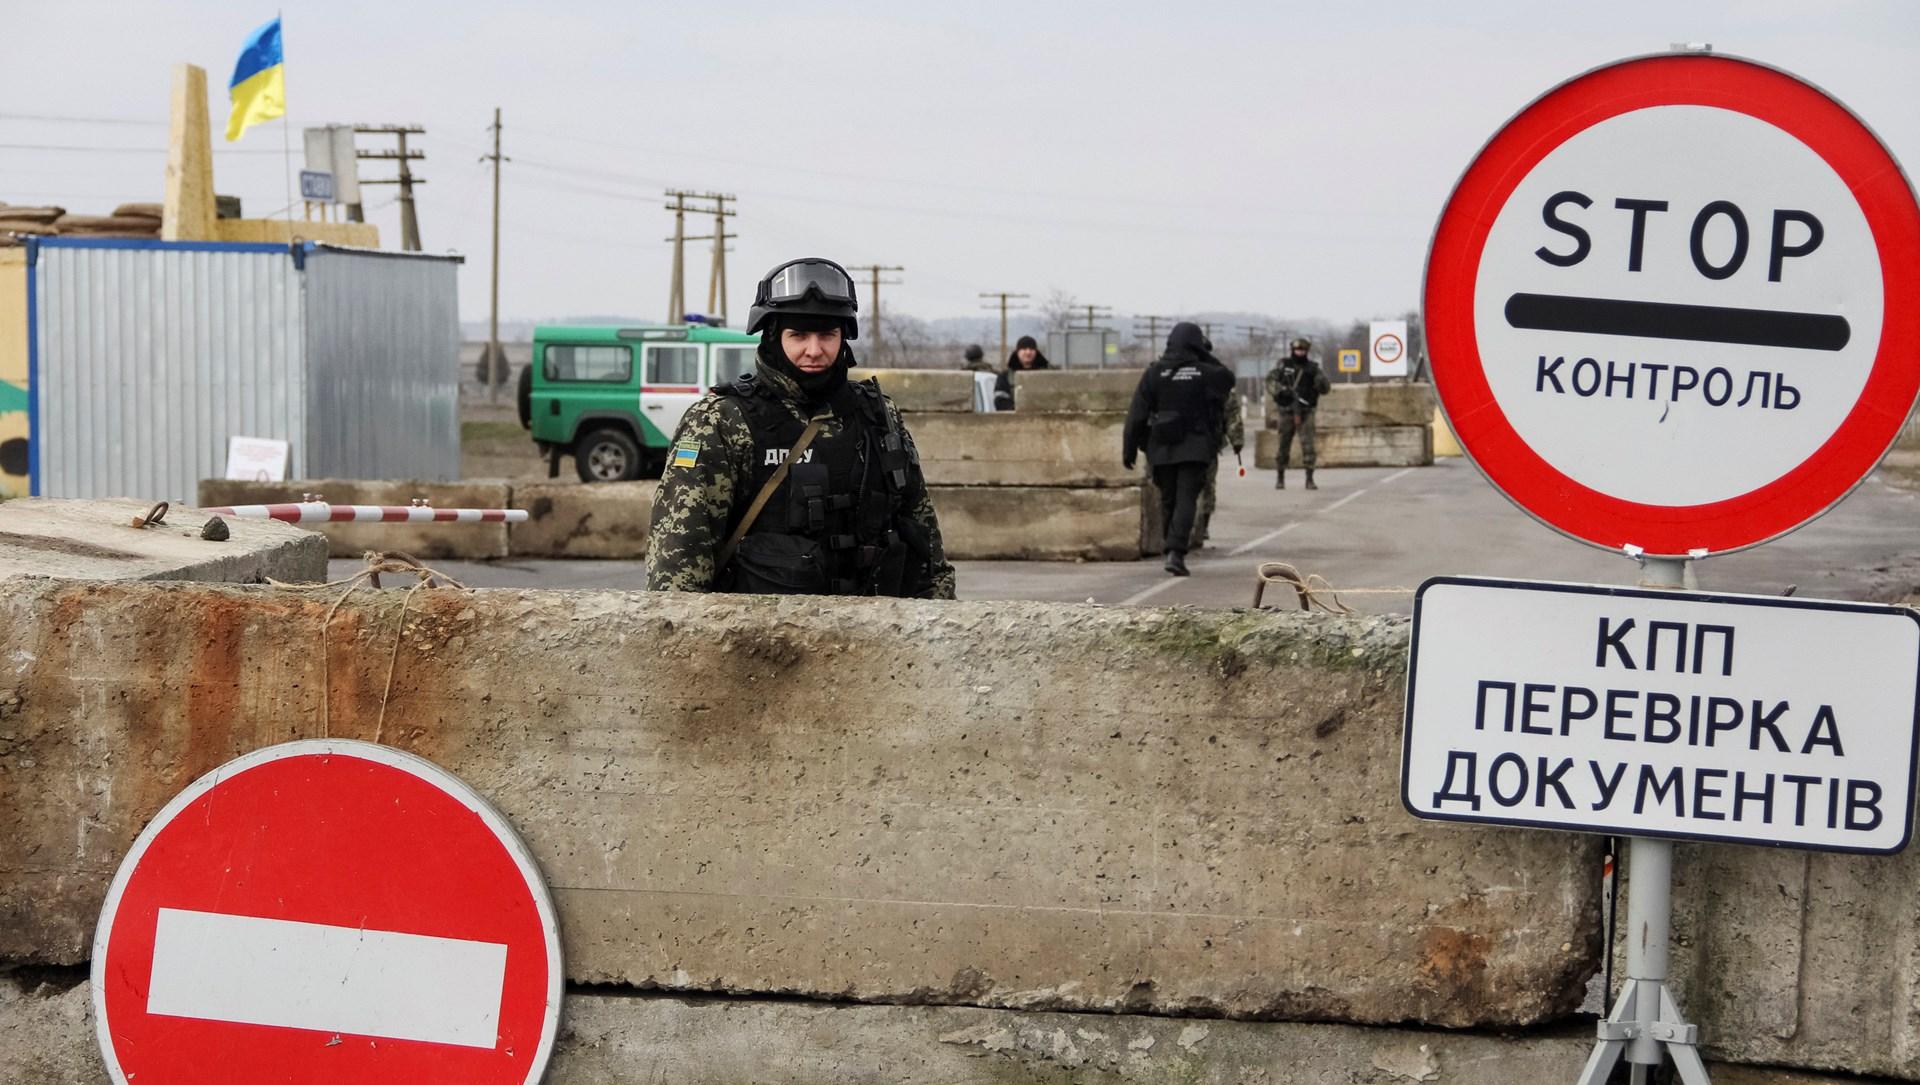 Украинская сторона отказалась сотрудничать с крымскими пограничниками